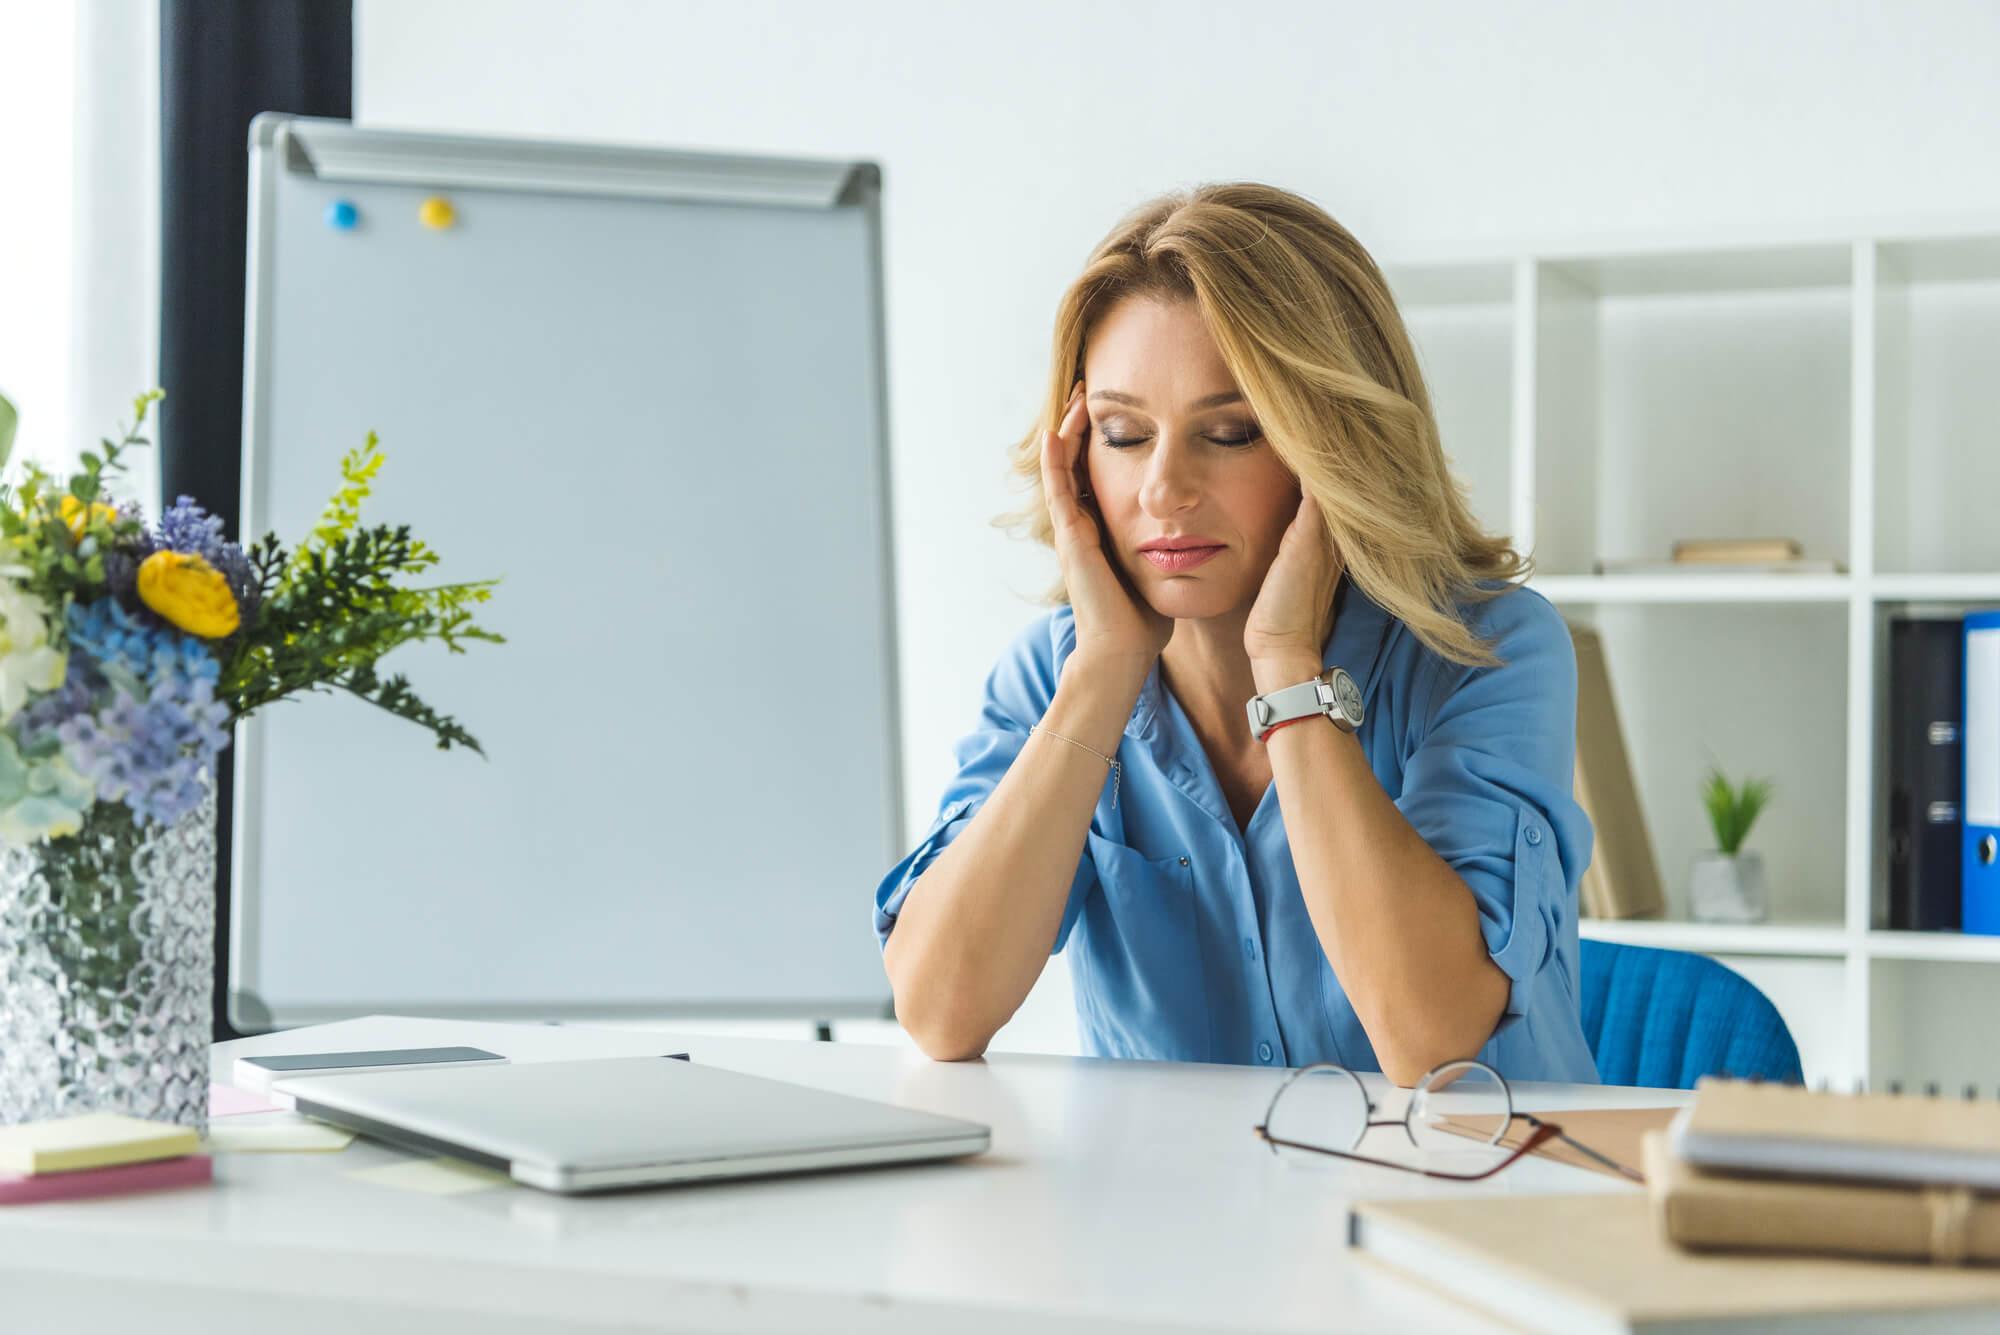 Burnout: vamos falar de stress, saúde e produtividade?